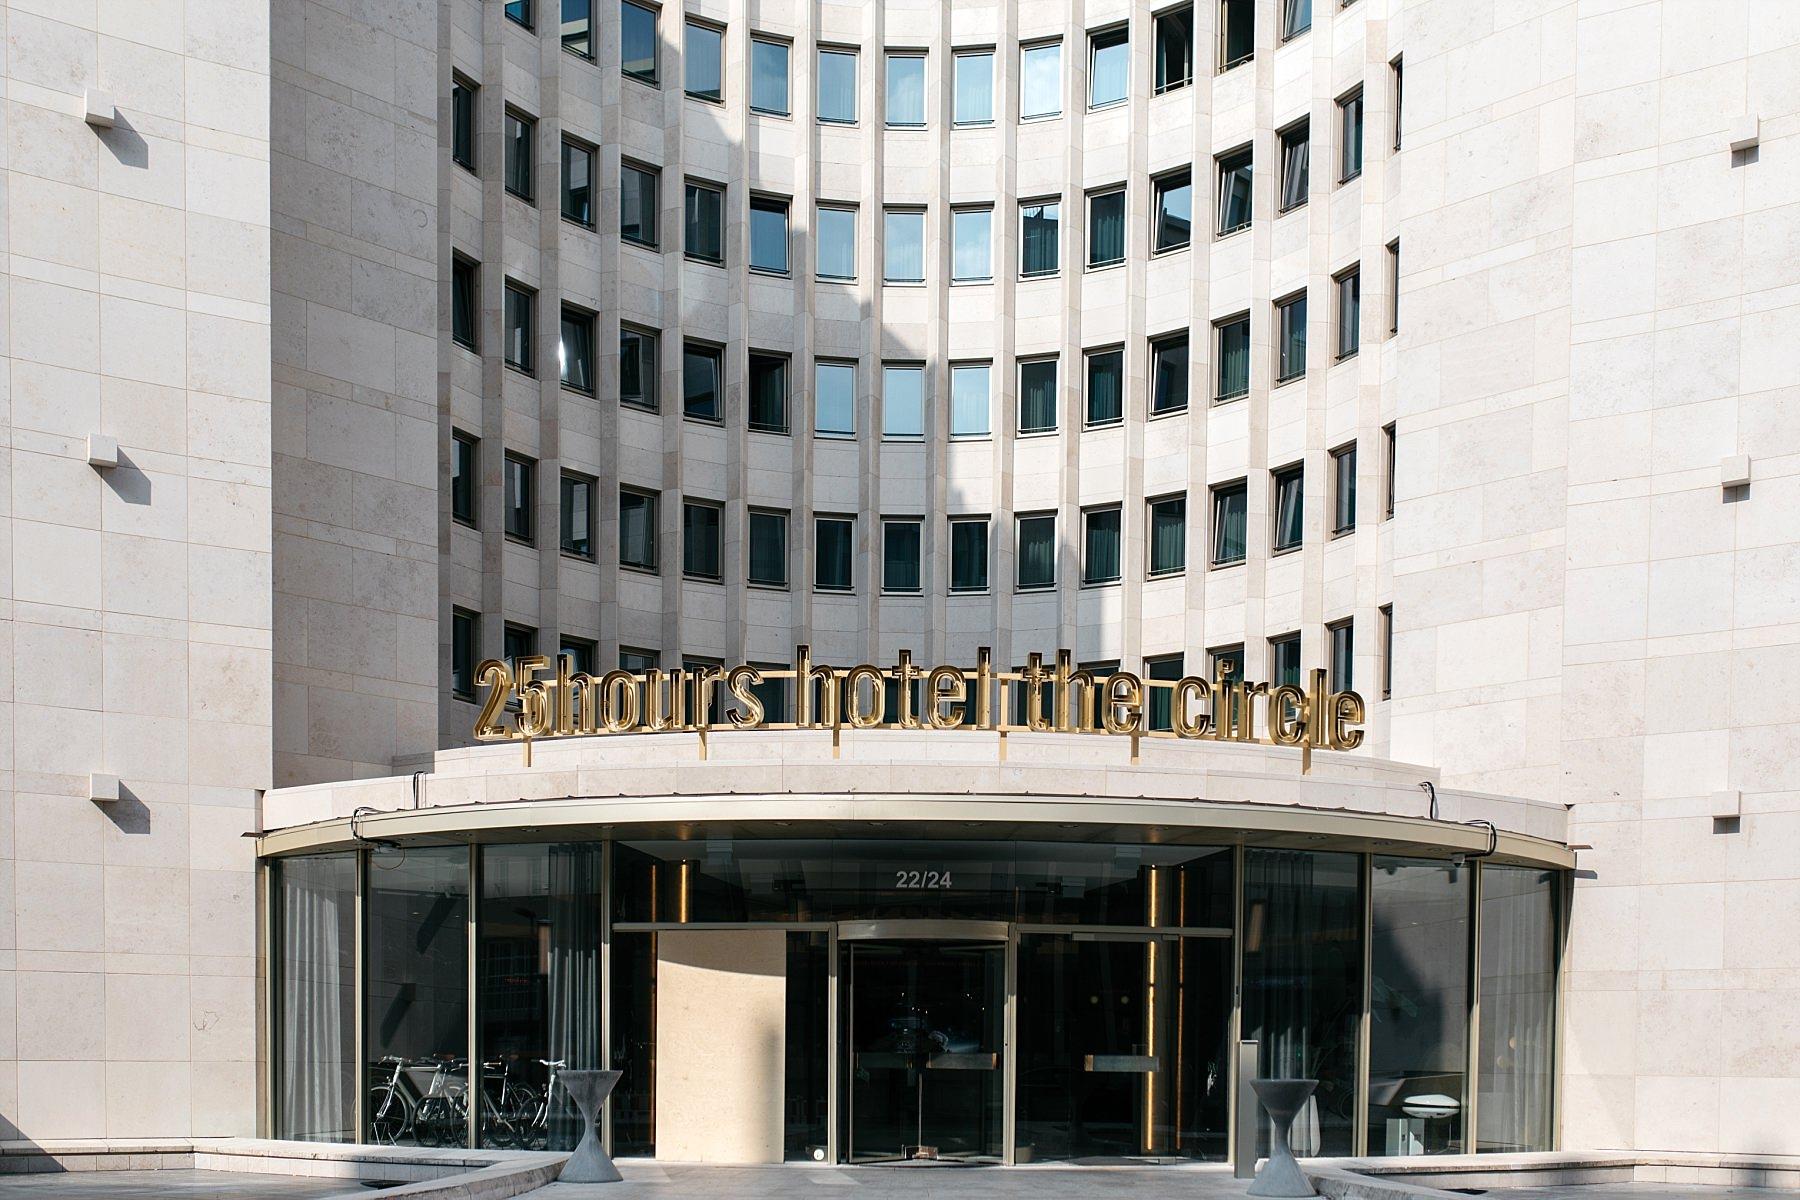 Cologne - hotel 25 Hours the circle - vue extérieure